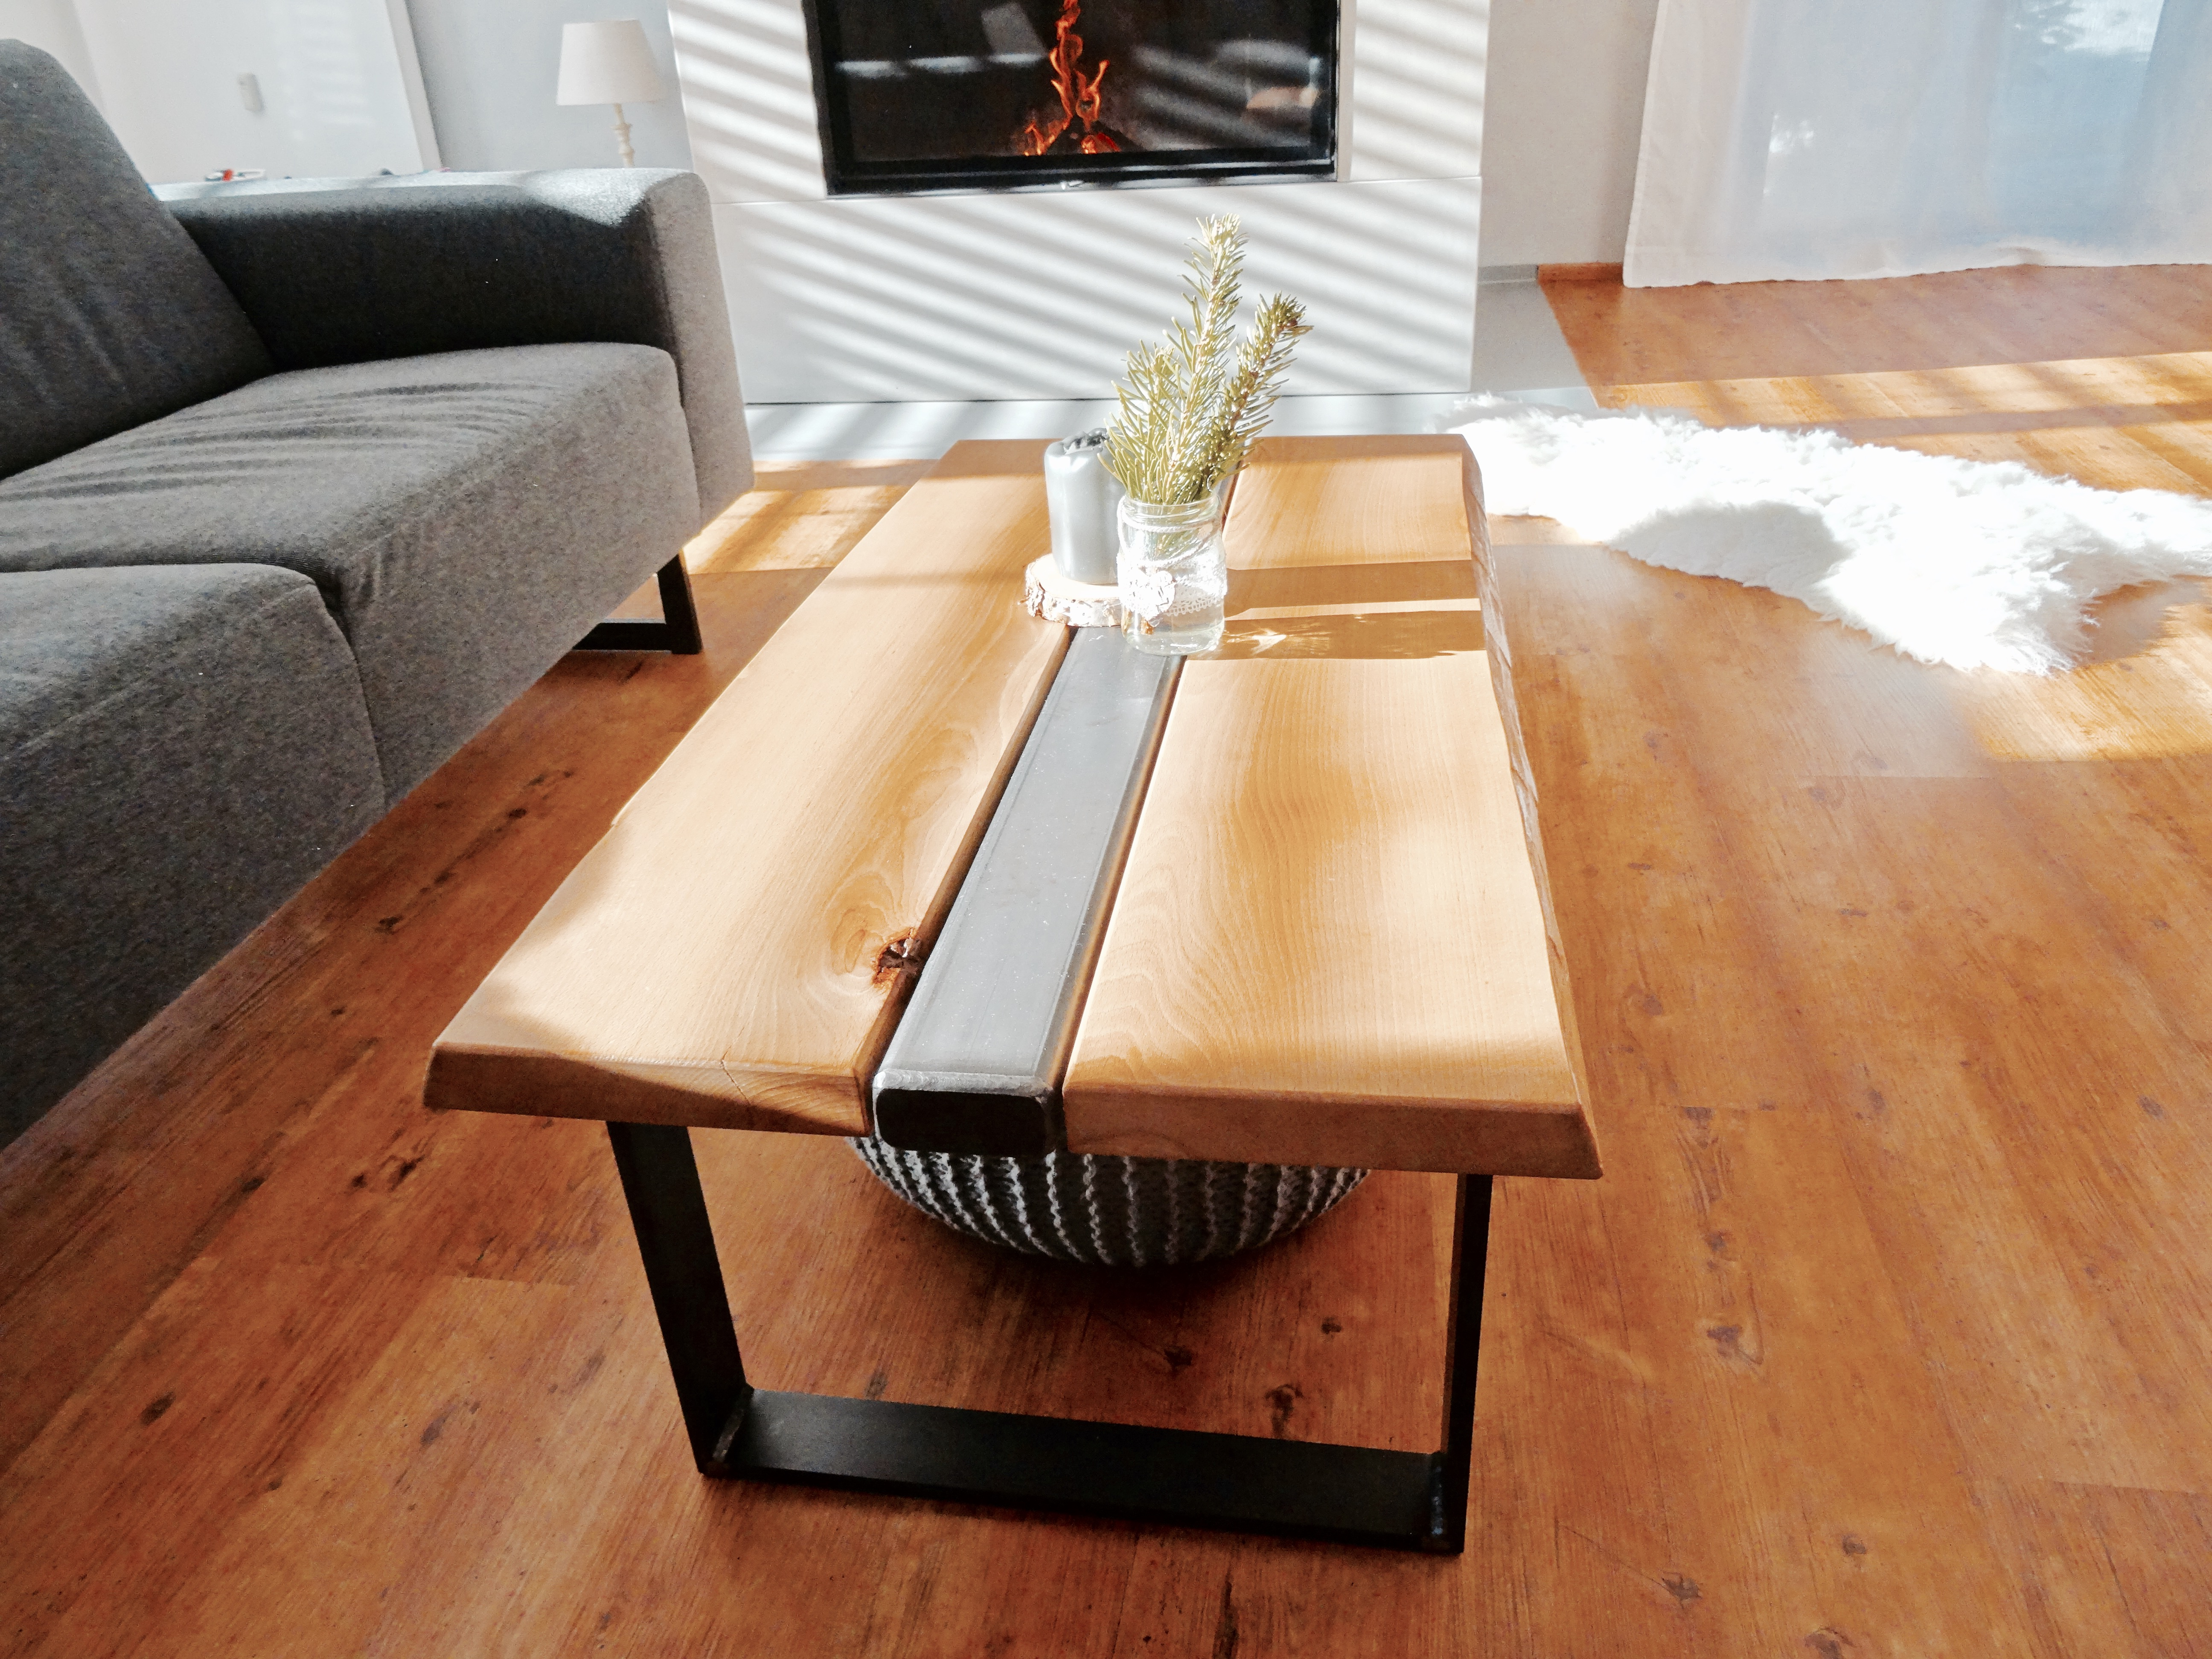 m bel aus holz und stahl im wohnbereich kriga stahl metallbau. Black Bedroom Furniture Sets. Home Design Ideas